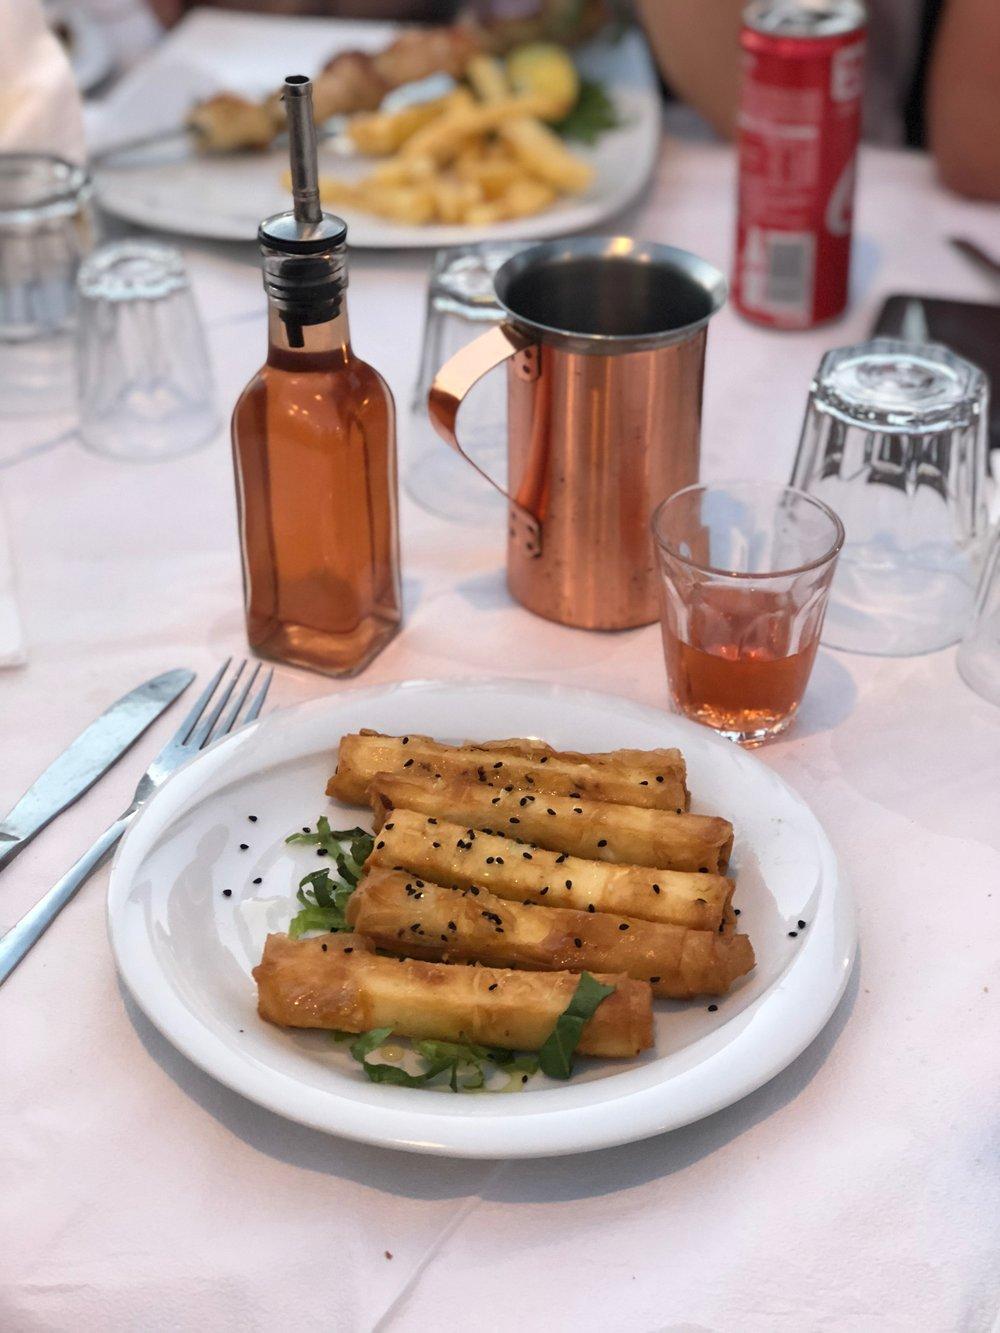 delicious fried feta in Greece